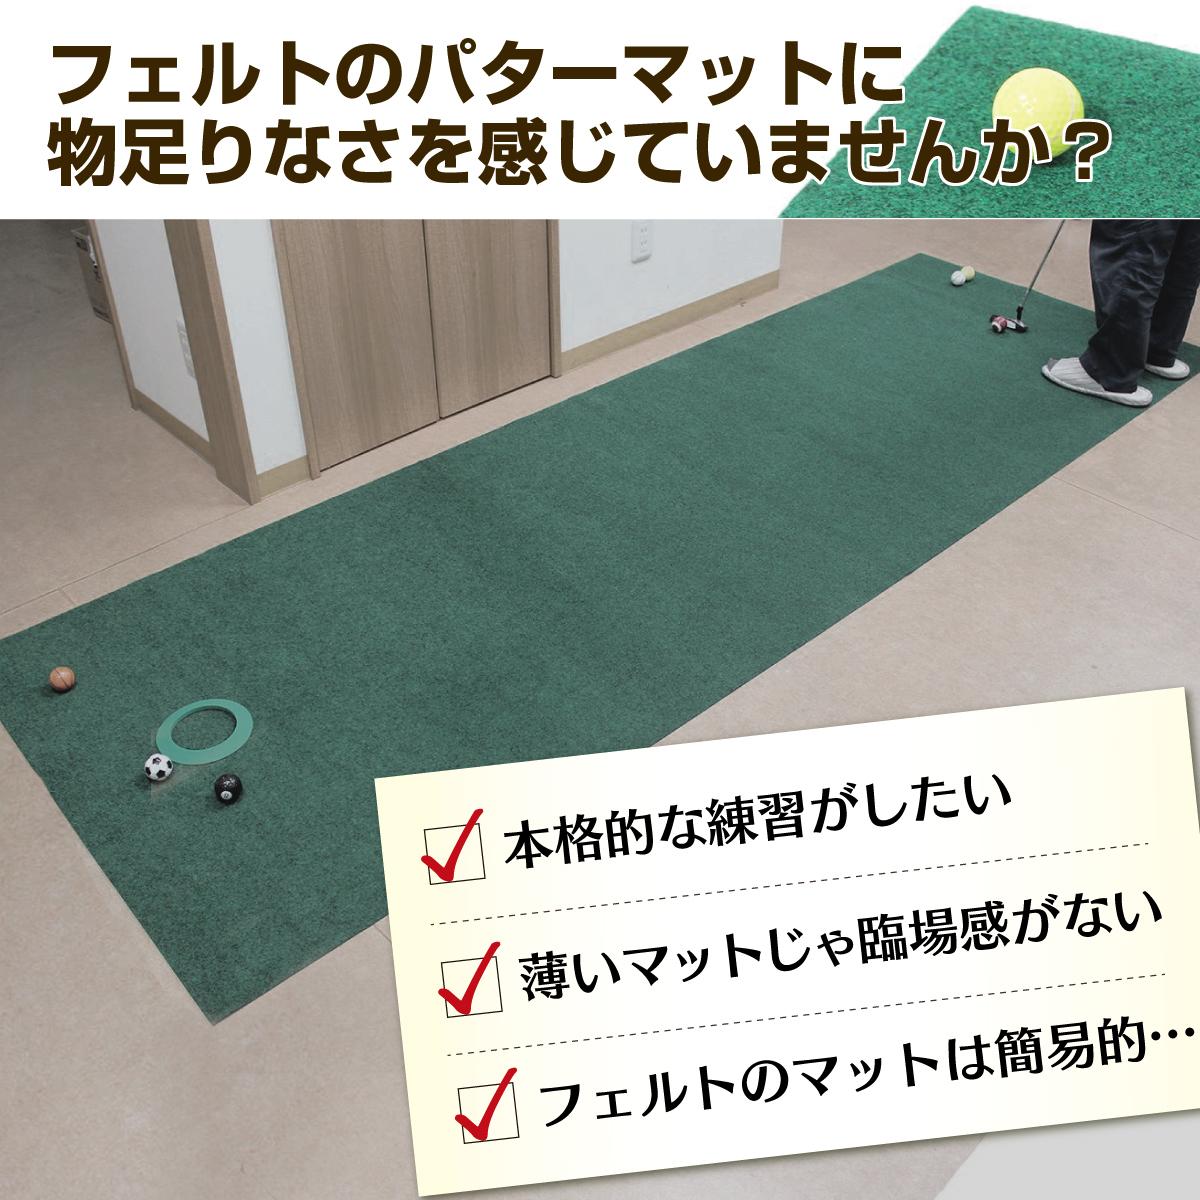 GolfStyle パターマット ゴルフ パッティング 練習 人工芝 グリーン 300×50cm Gシリーズ